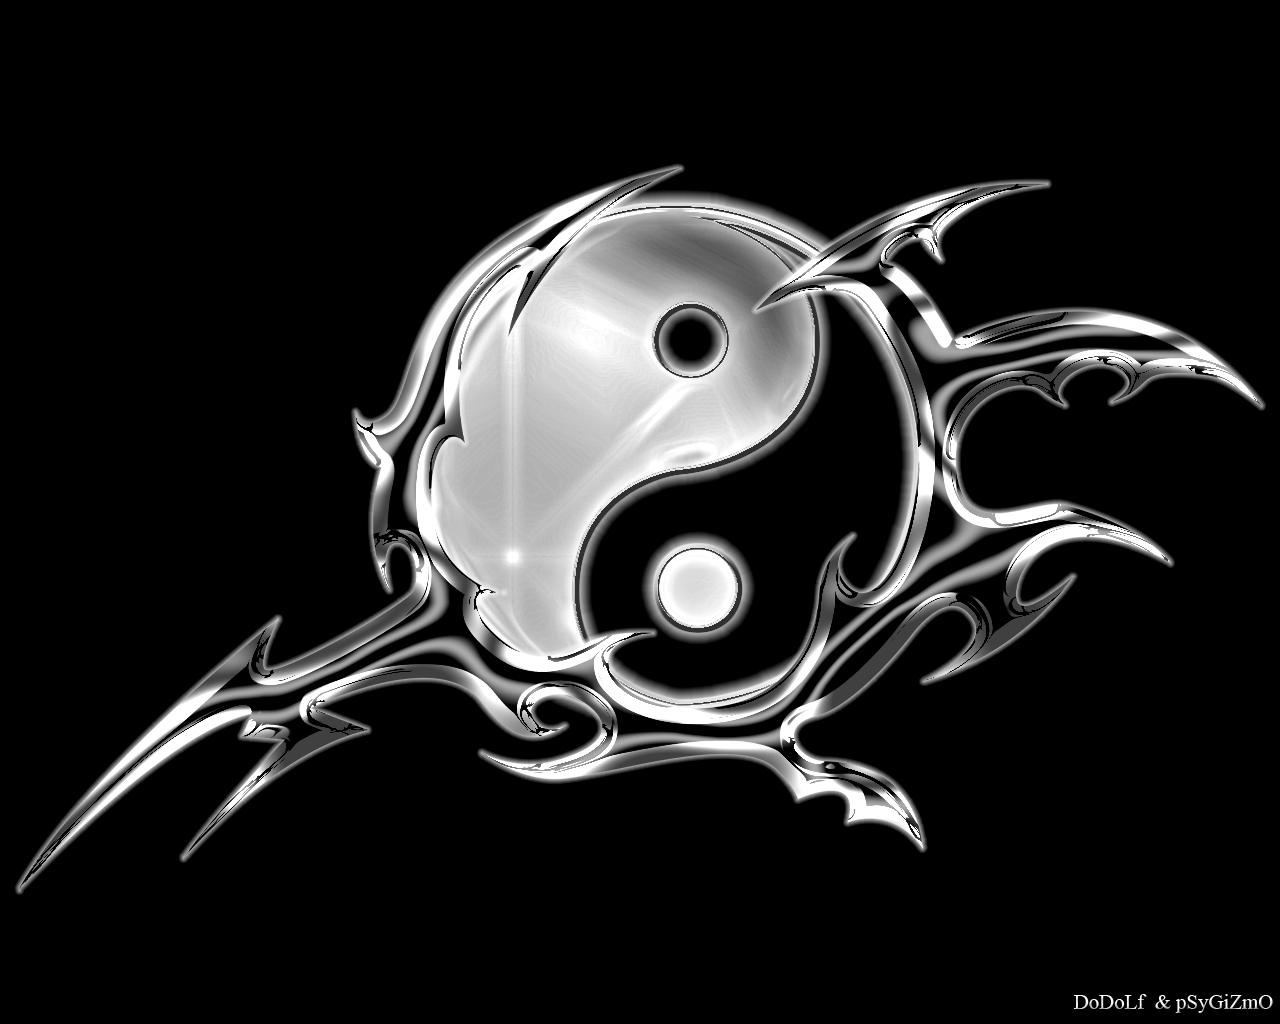 Ying Yang Wallpaper 1280x1024 Ying, Yang